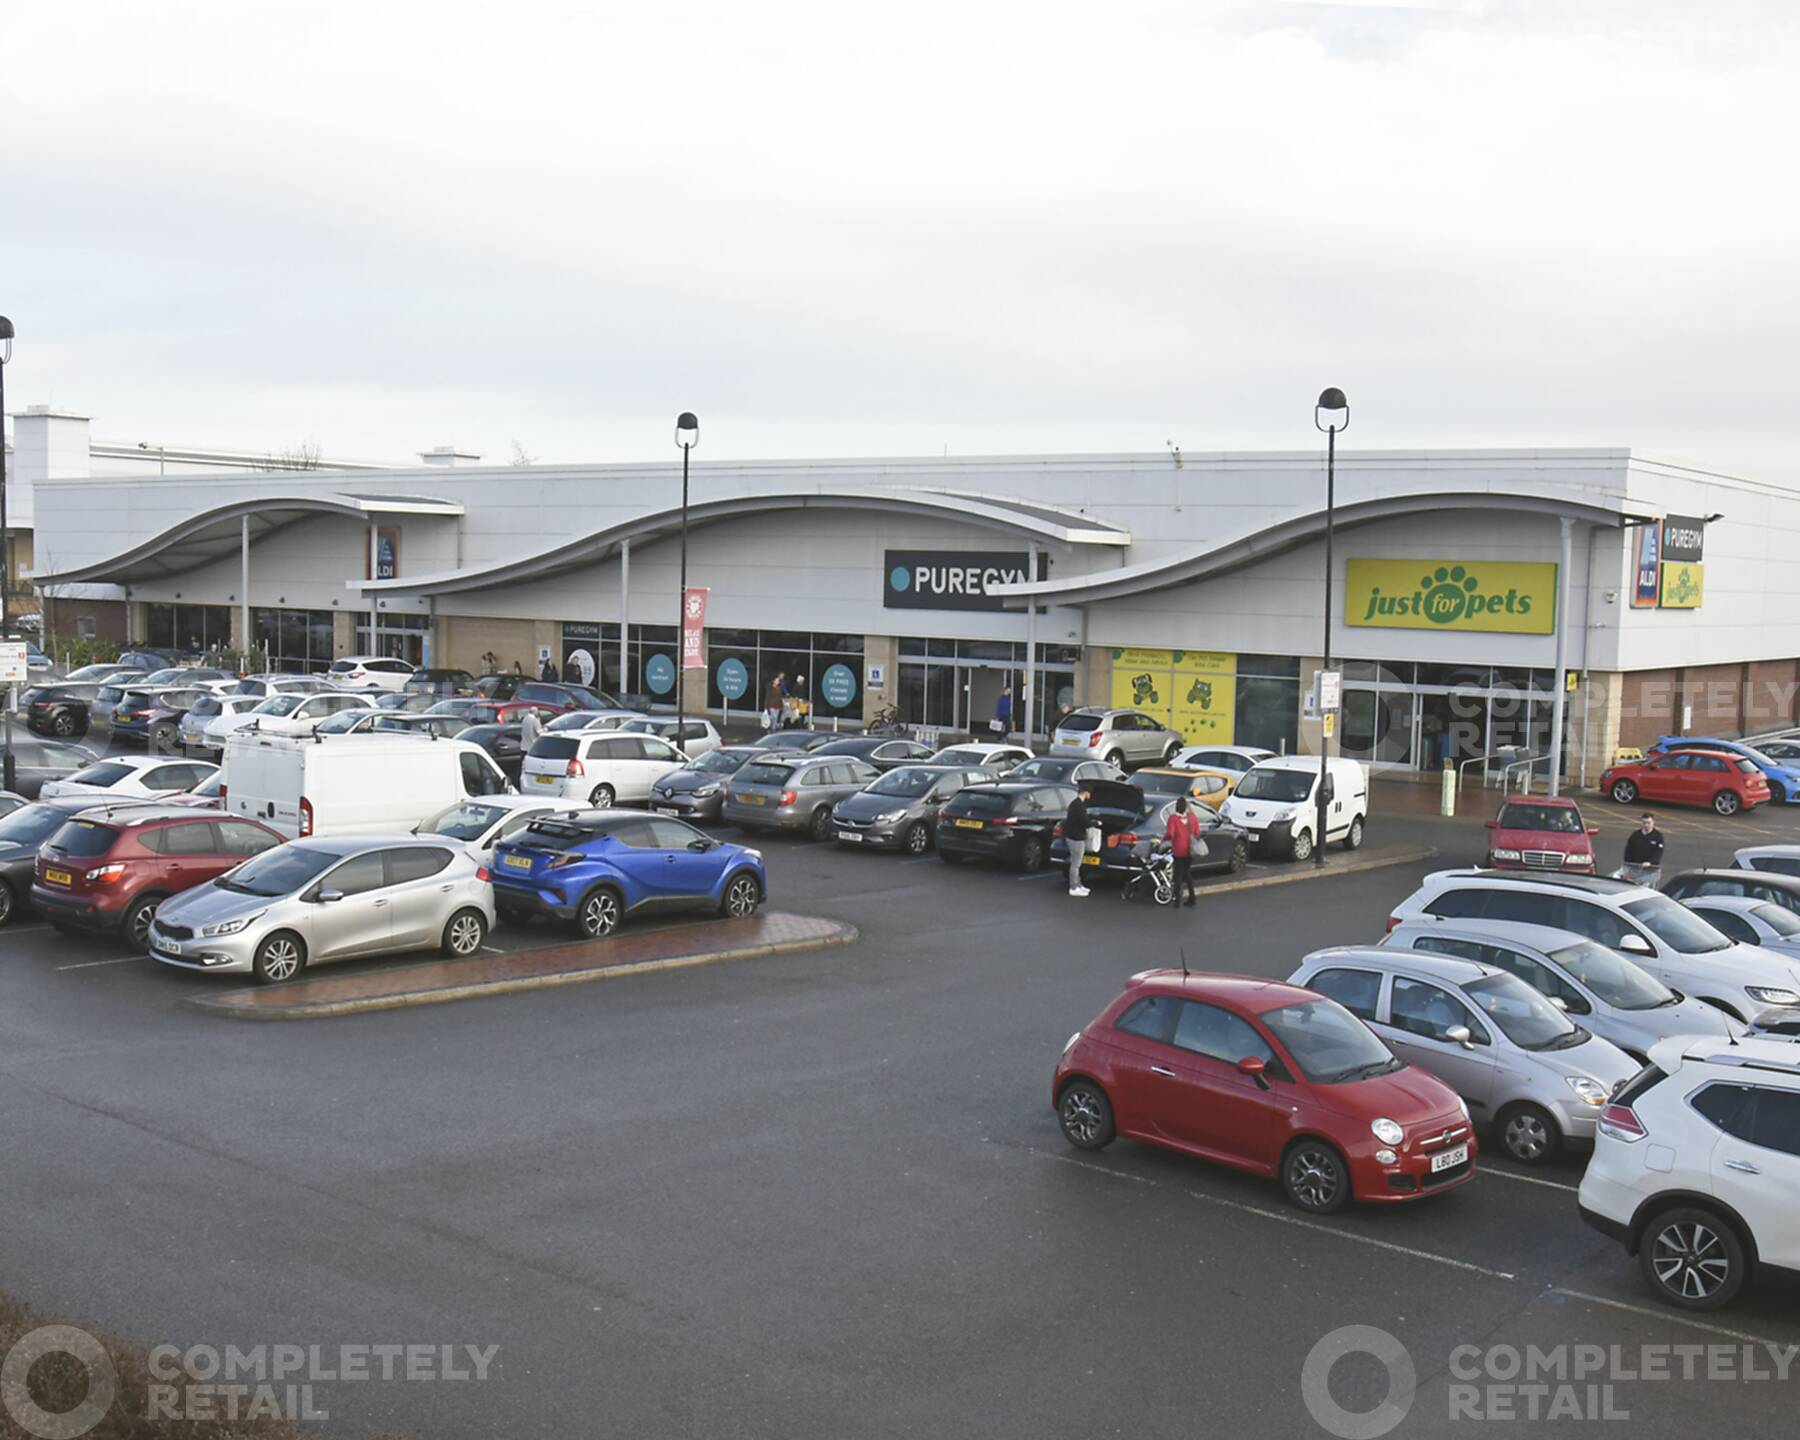 Bentley Bridge Retail Park